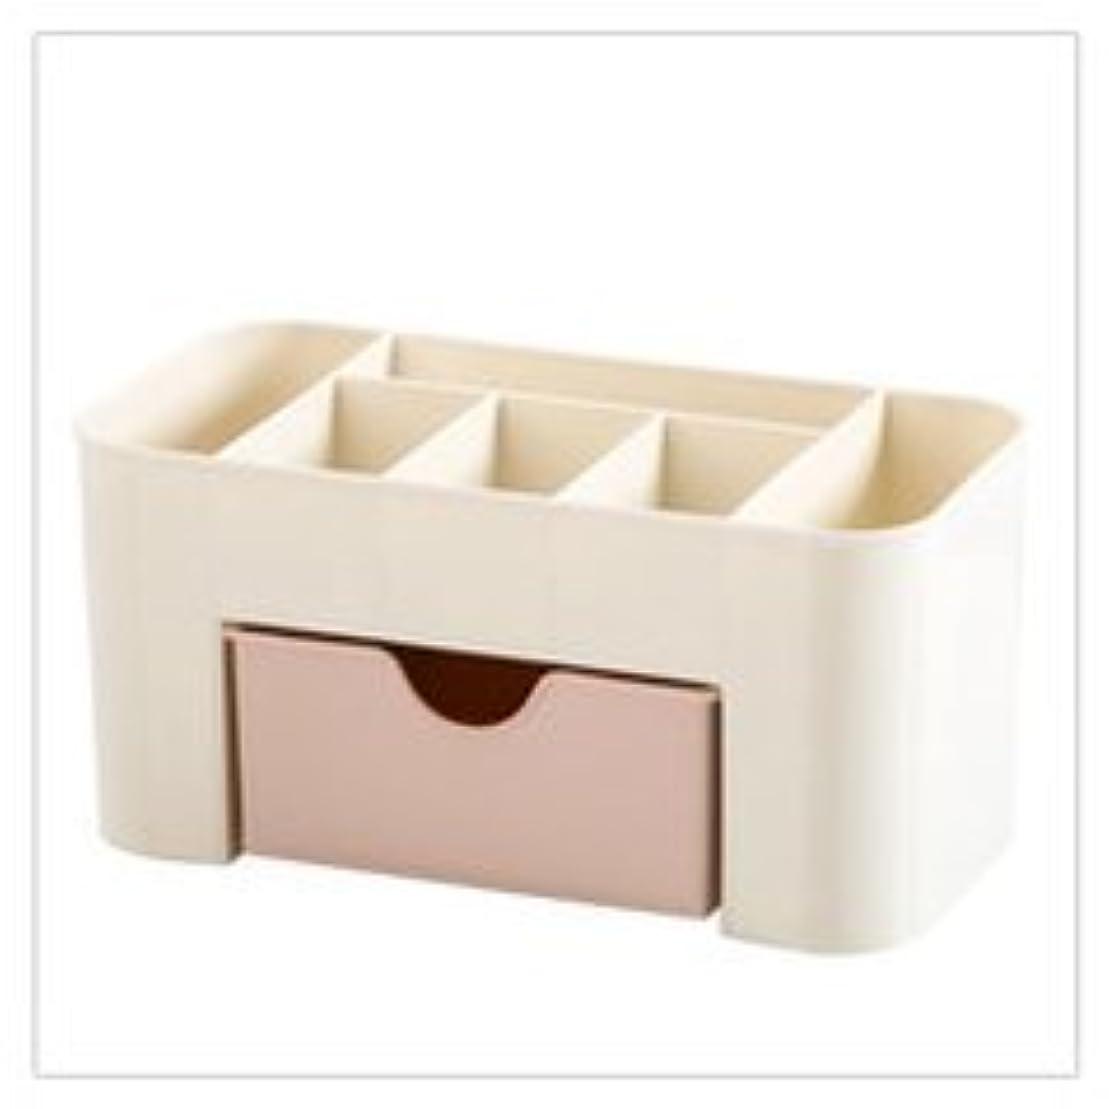 持参検査官フリル化粧品収納ボックス化粧品引き出し仕上げボックスデスクトップジュエリースキンケアパックフレームドレッサー (Color : ピンク)